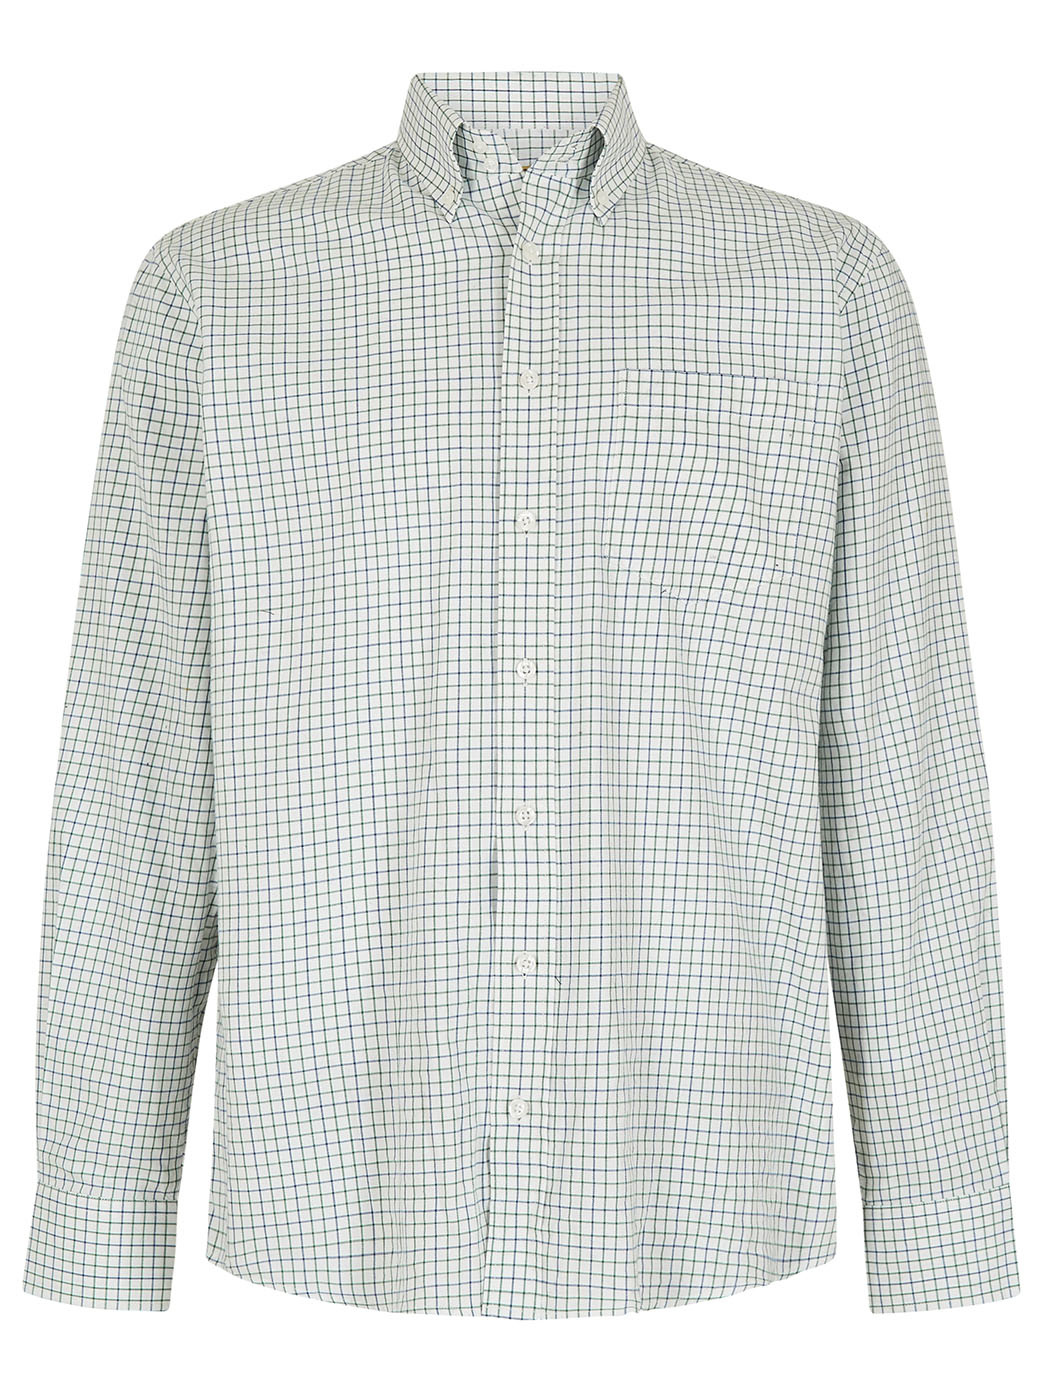 Dubarry Muckross Tattersall Shirt - Dusky Green-1